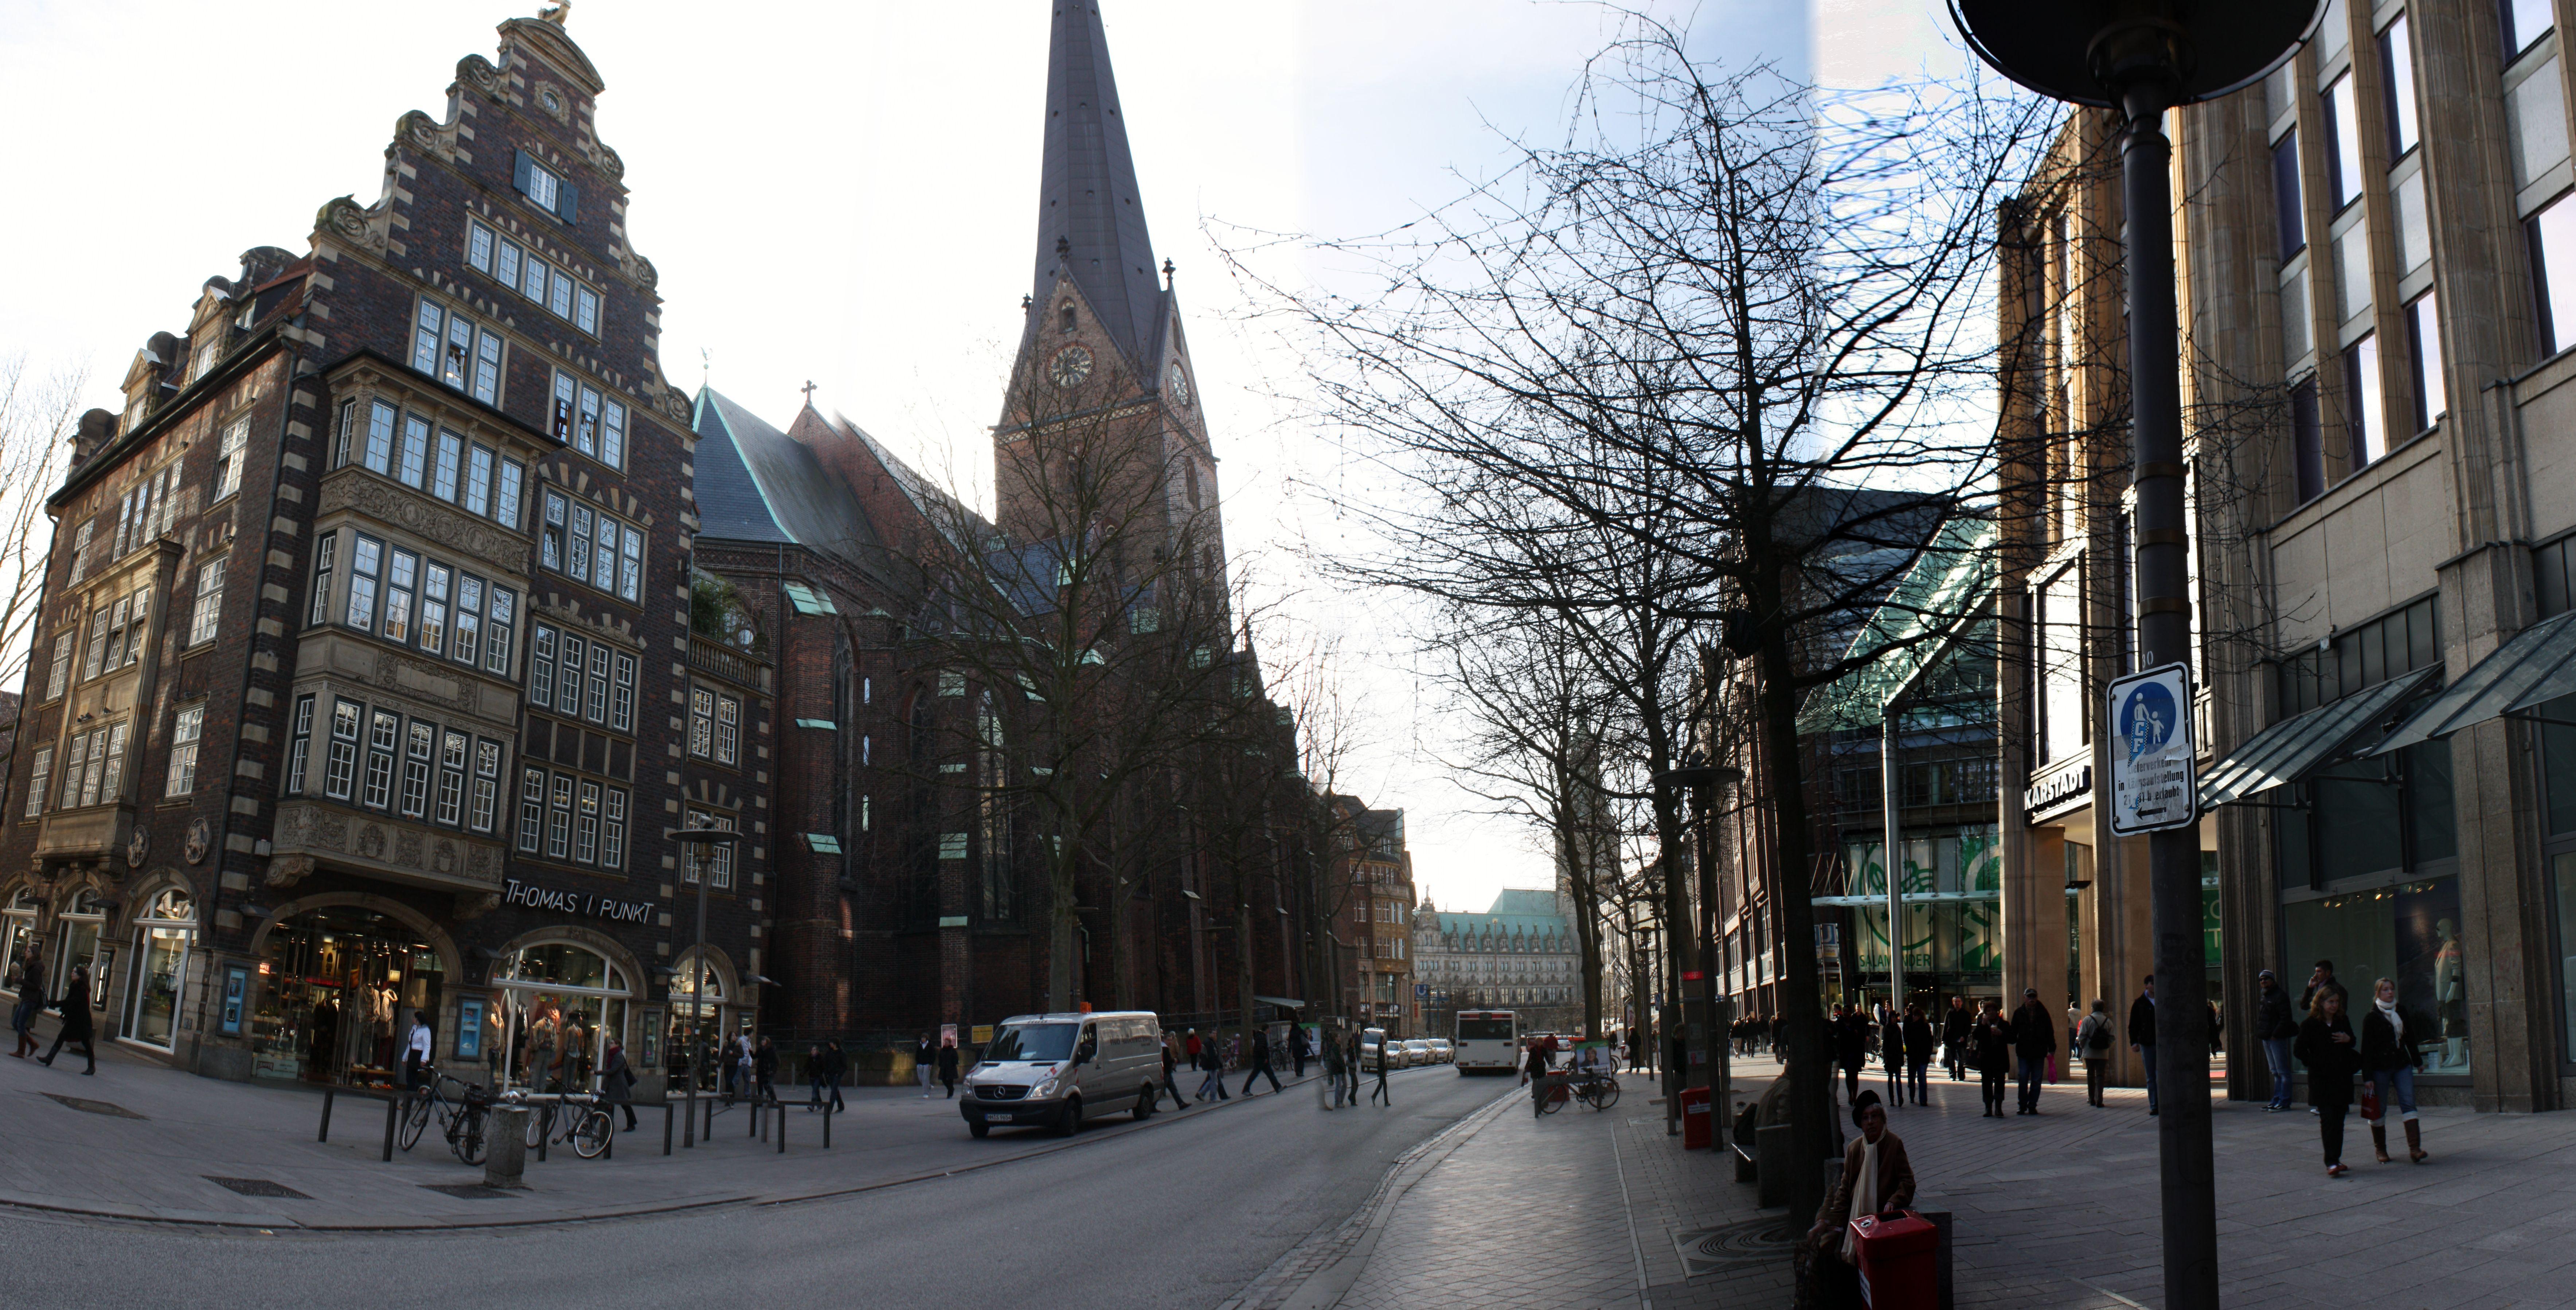 Hifi Hamburg Mönckebergstraße file mönckebergstraße st petri hamburg stitched jpg wikimedia commons